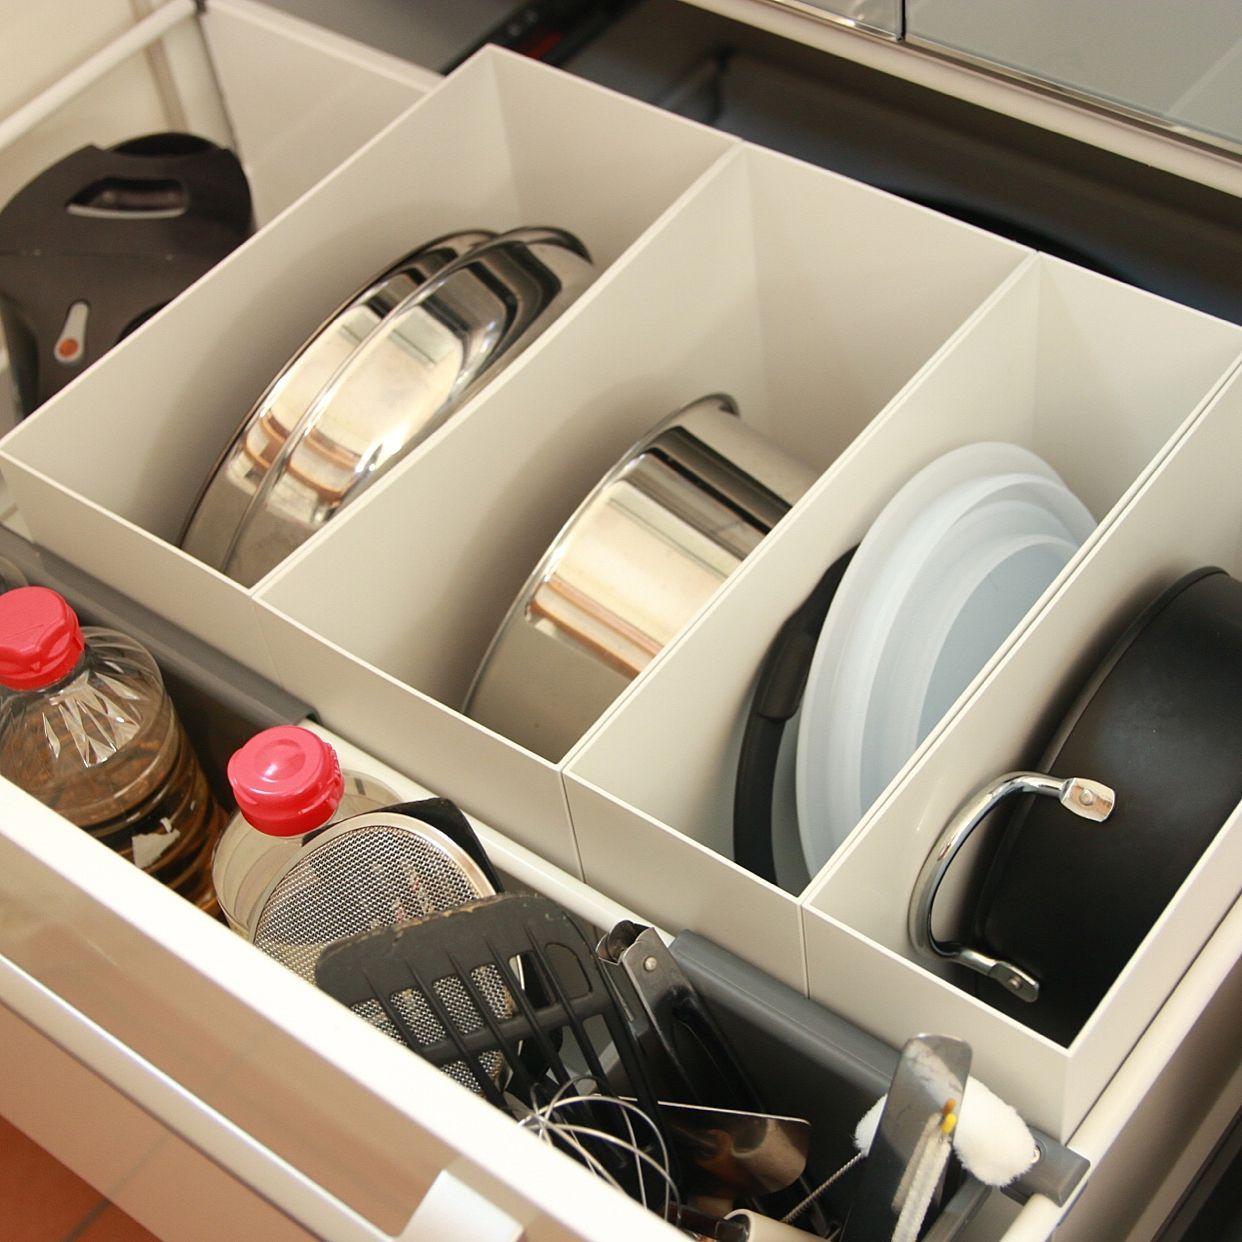 キッチン Panasonicキッチン フライパン収納 無印良品 収納 などの